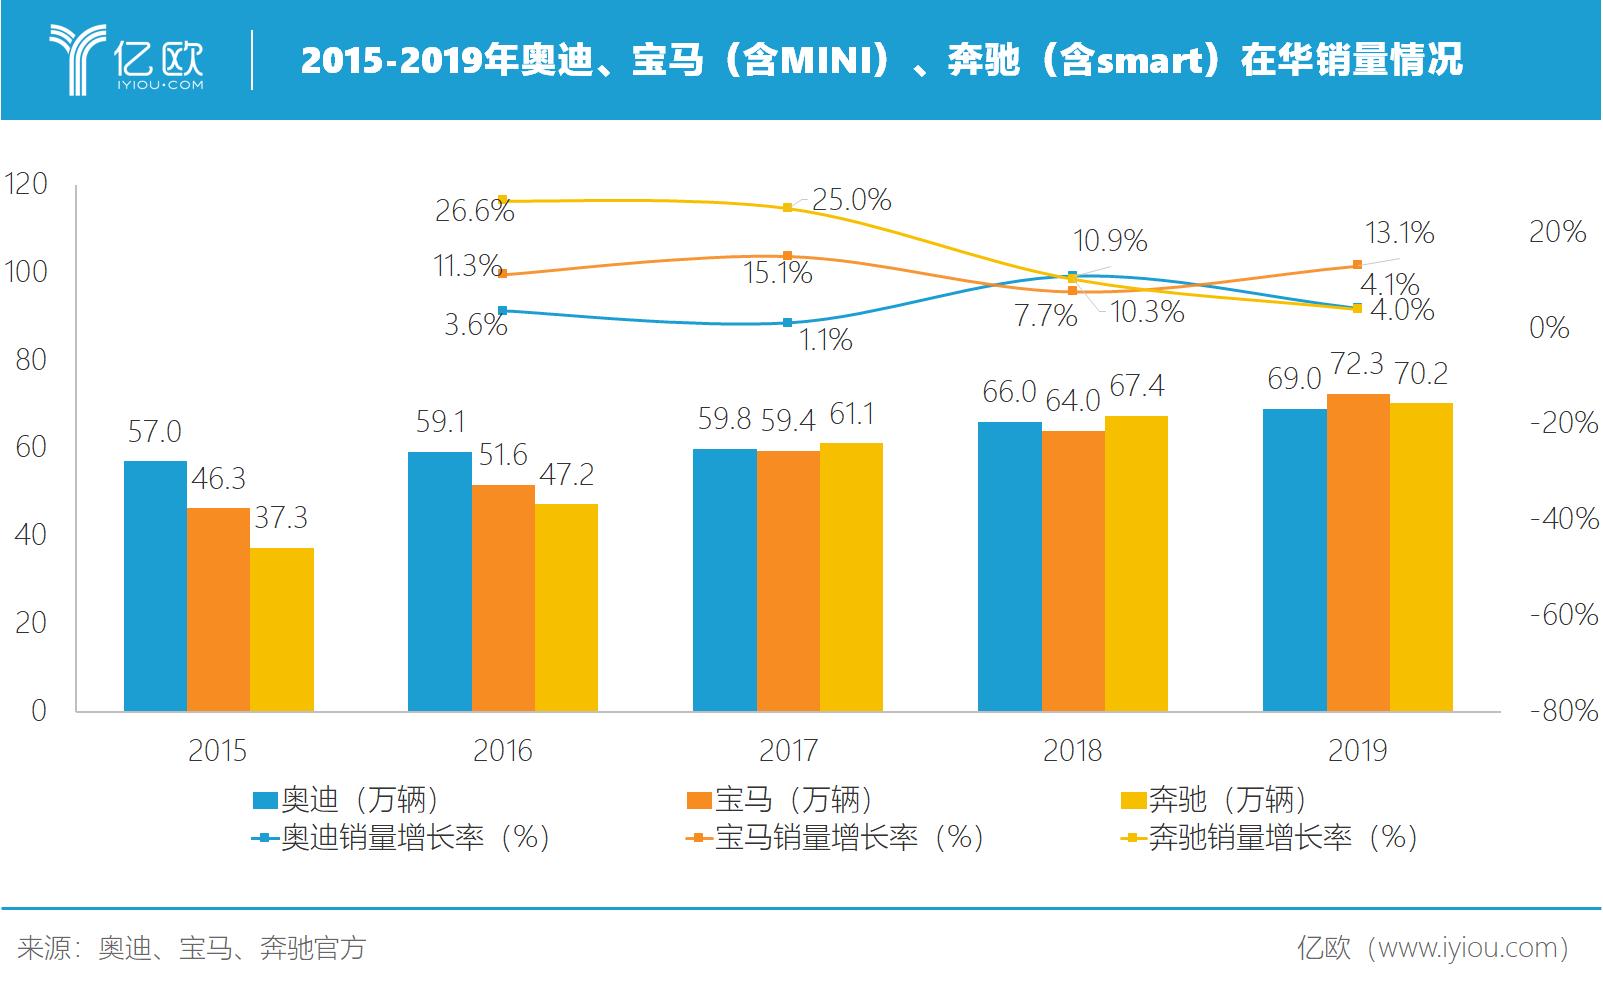 2015-2019年奥迪、宝马(含mini)、奔驰(含smart)在华销量情况